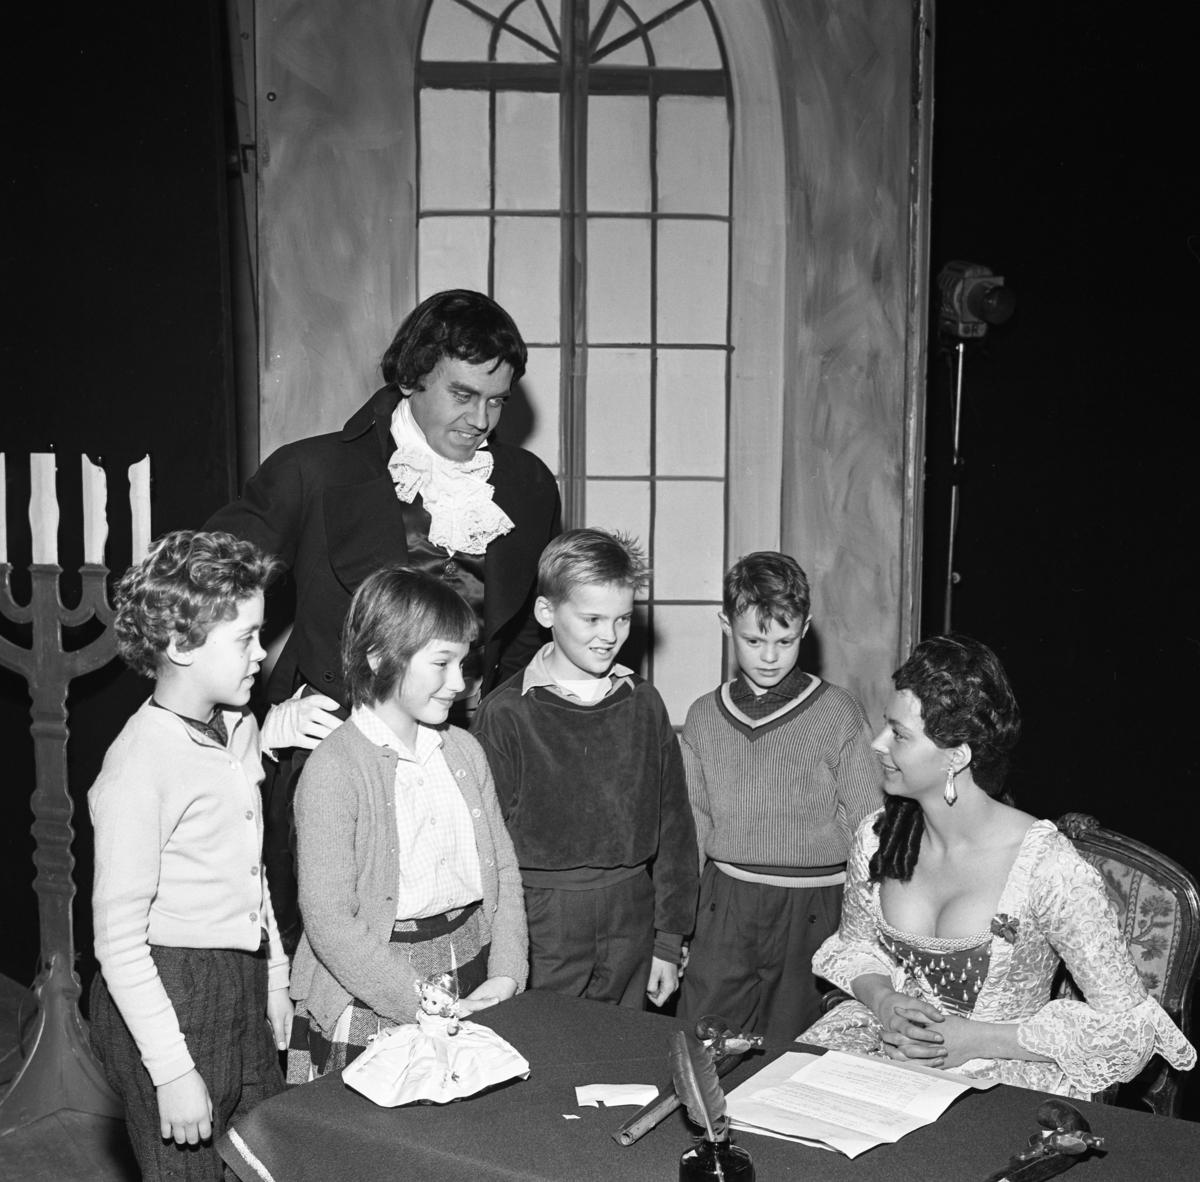 Skolteater på Folkan/Medborgarhuset Två skådespelare har bjudit upp fyra barn på scenen. Längst till vänster står Birgitta. Skådespelarna är en man och en kvinna. Kvinnan, klädd i djupt ringad klänning, sitter vid ett bord. På bordet finns bland annat en gåspenna och två pistoler.